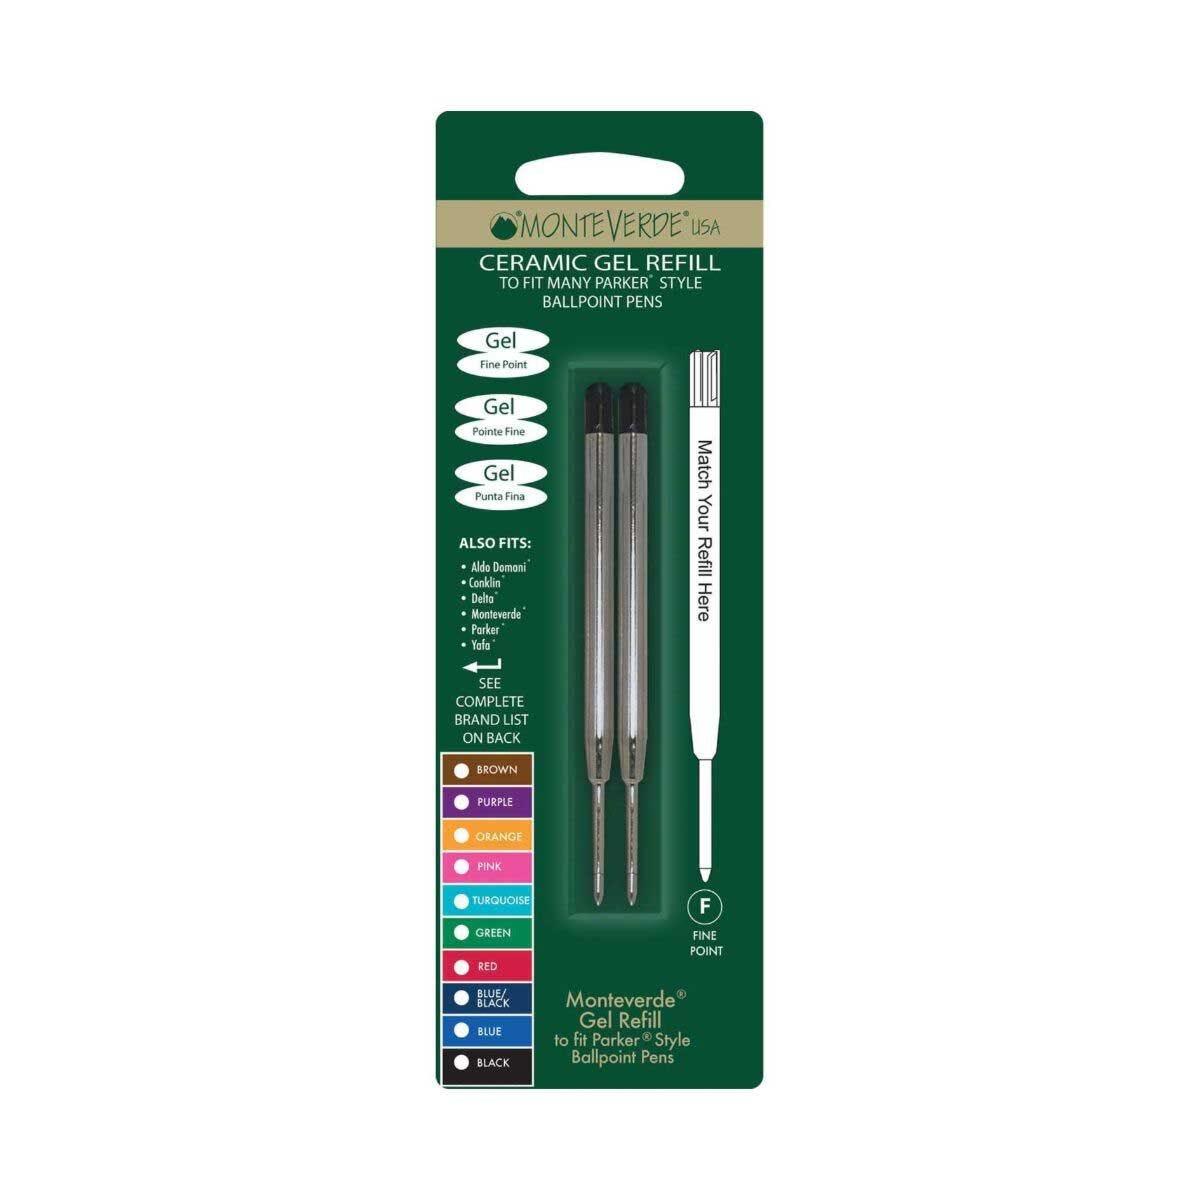 Ceramic Gel Refill Fine Refill to fit Capless 2 Pack Ballpoint Pen